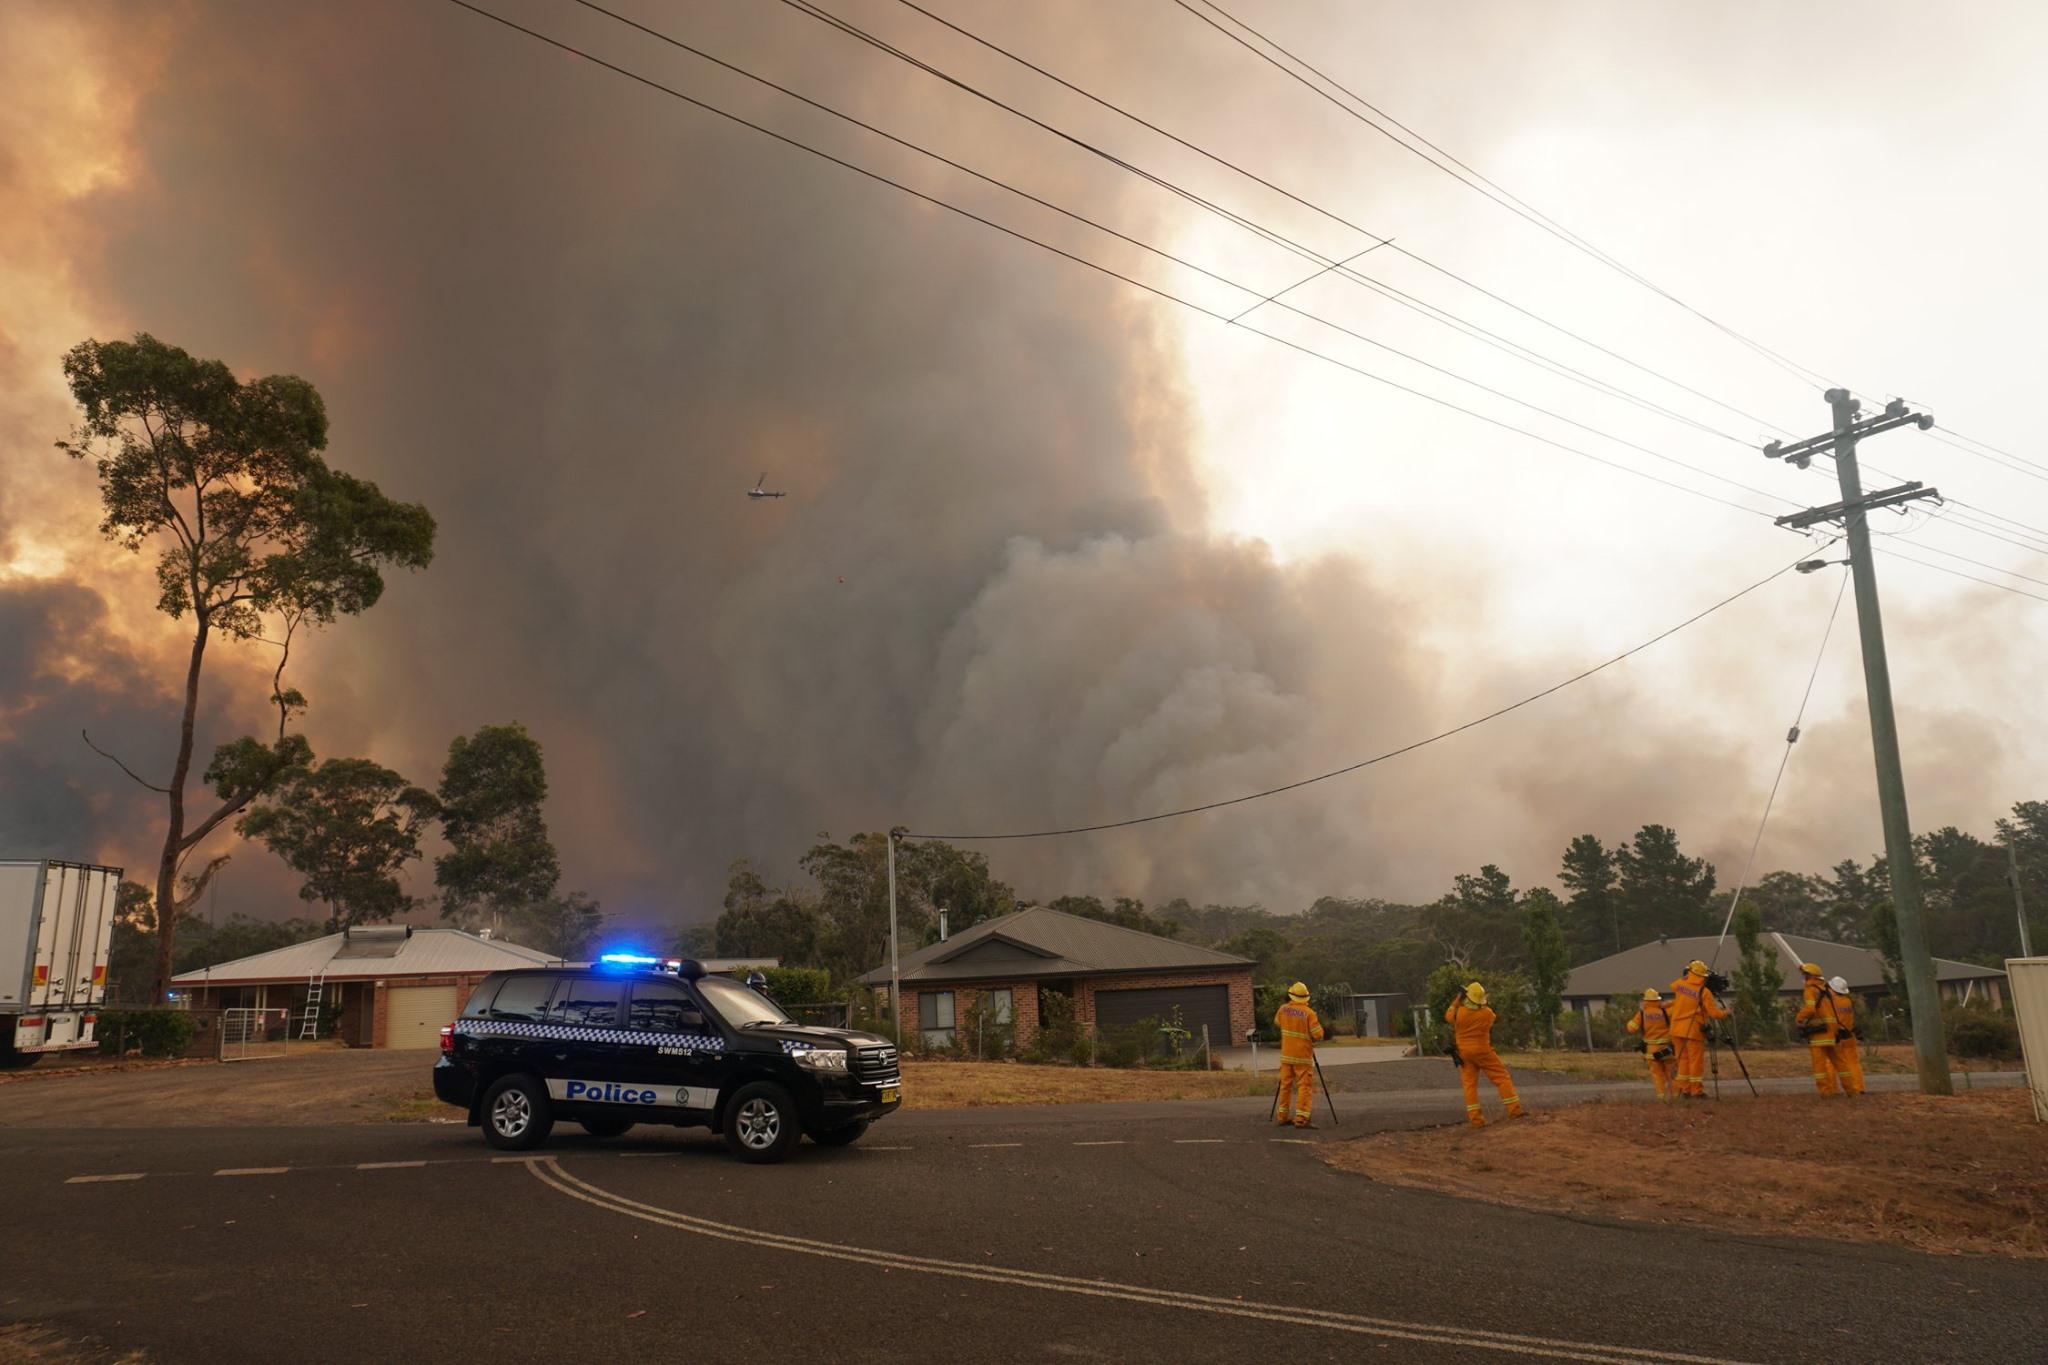 La policía evacua a los residentes de Yanderra, un pequeño pueblo situado en la frontera de las tierras altas del sur y la región de Macarthur de Nueva Gales del Sur, durante la ola de incendios forestales que asolan Australia. Foto tomada 21 de diciembre de 2019. Autor: Helitak430.